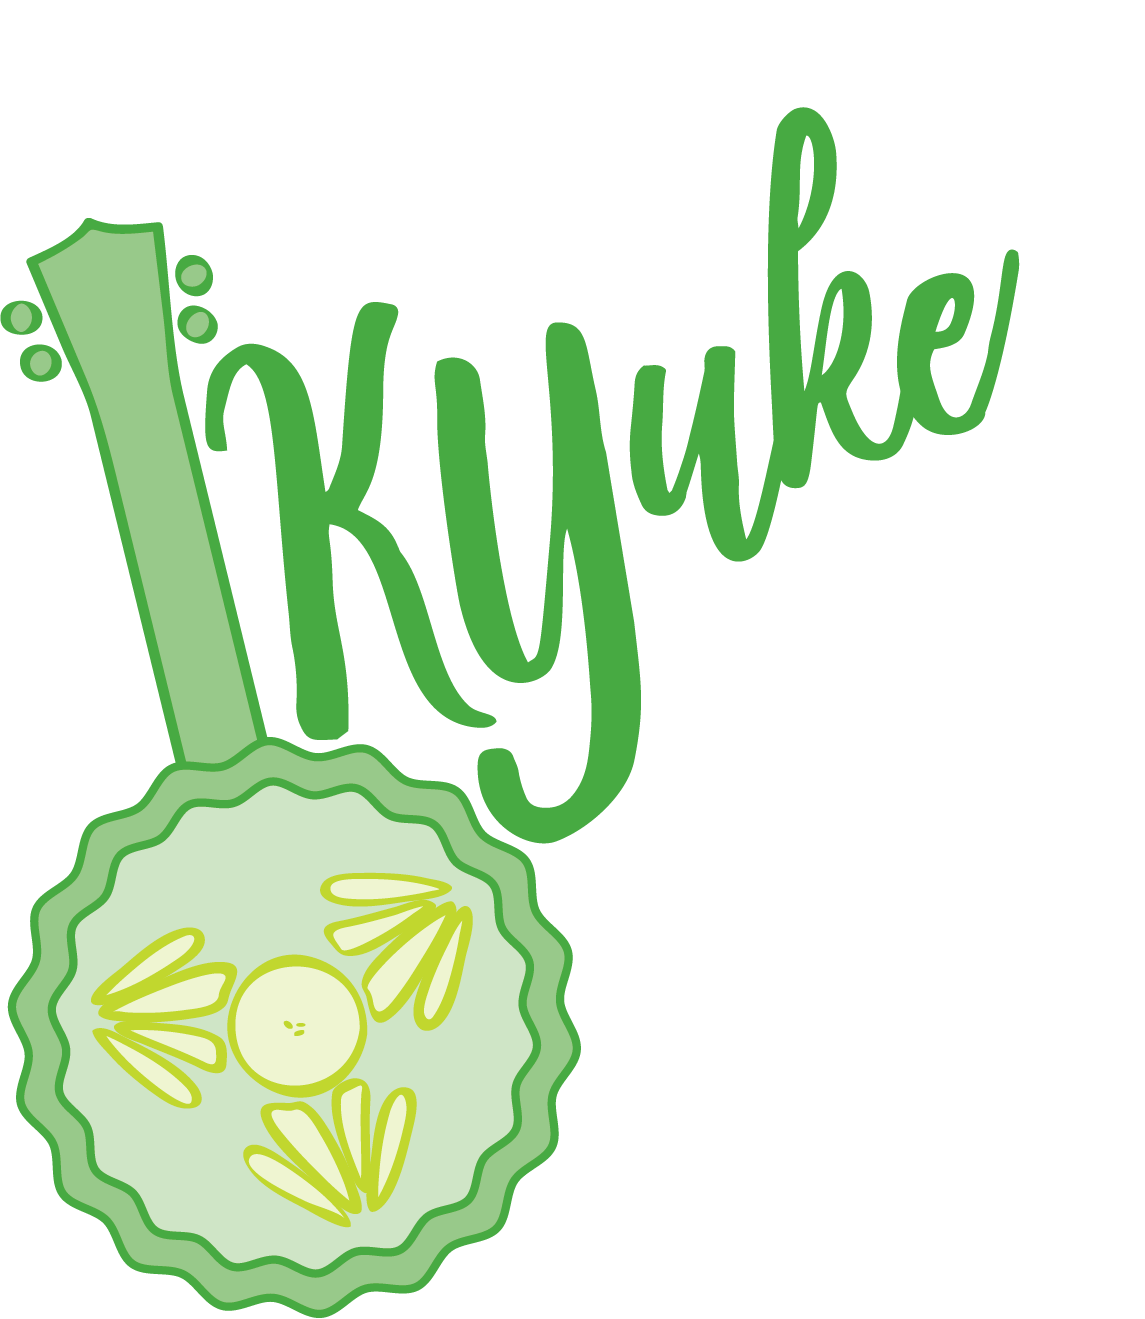 KYukefest - September 10-12